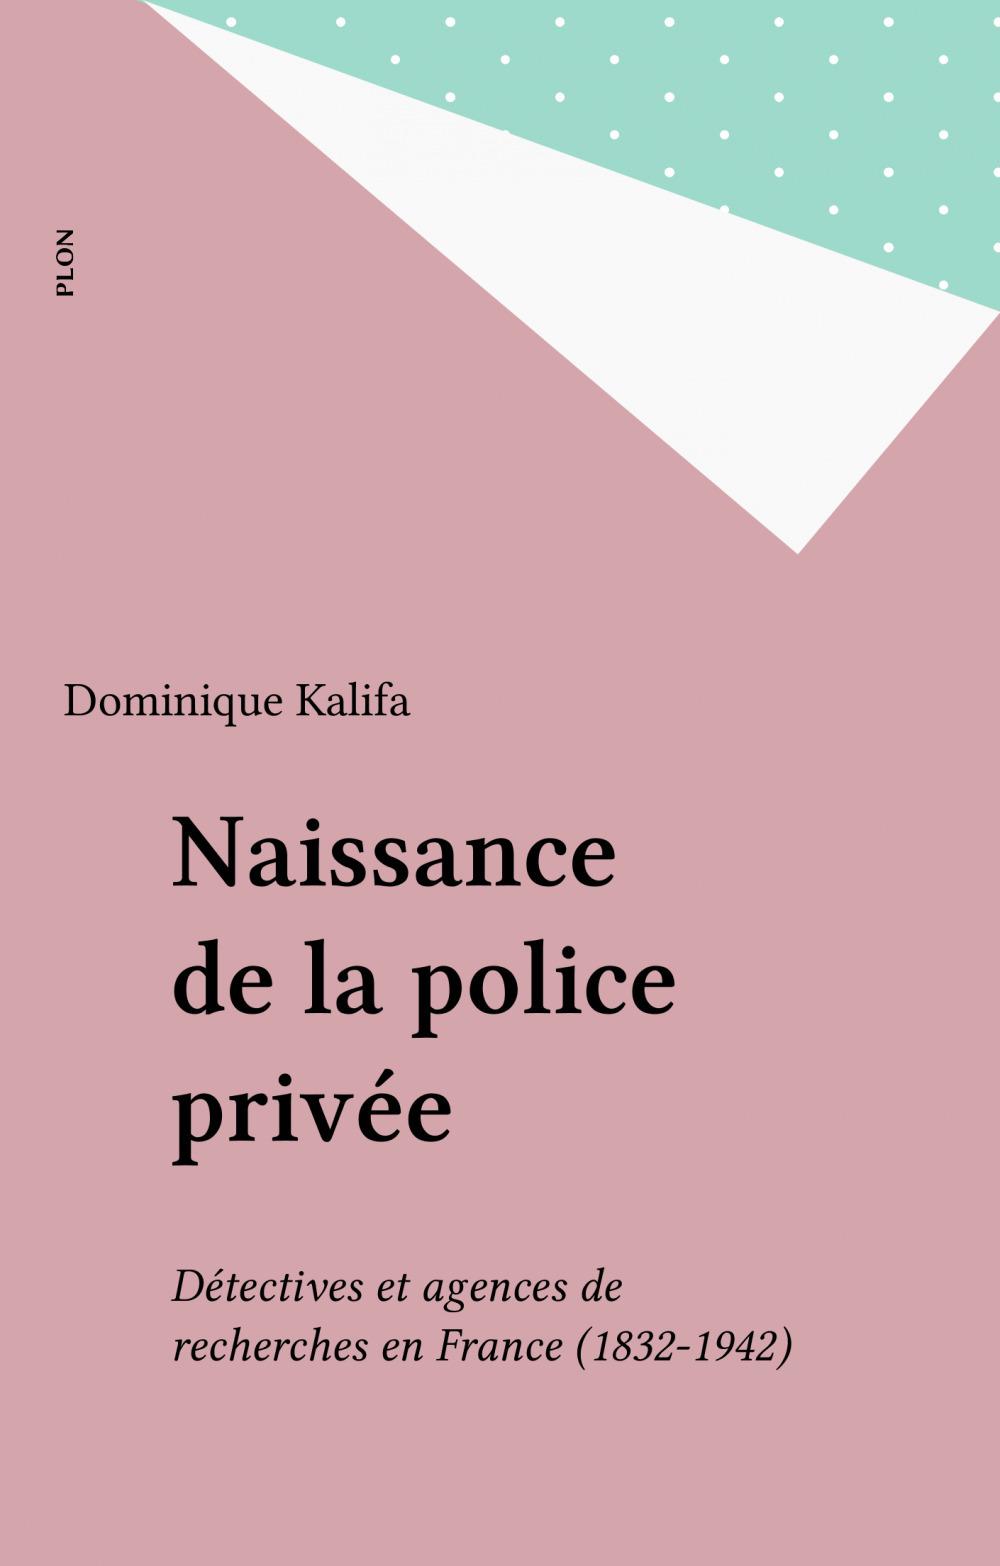 Naissance de la police privée